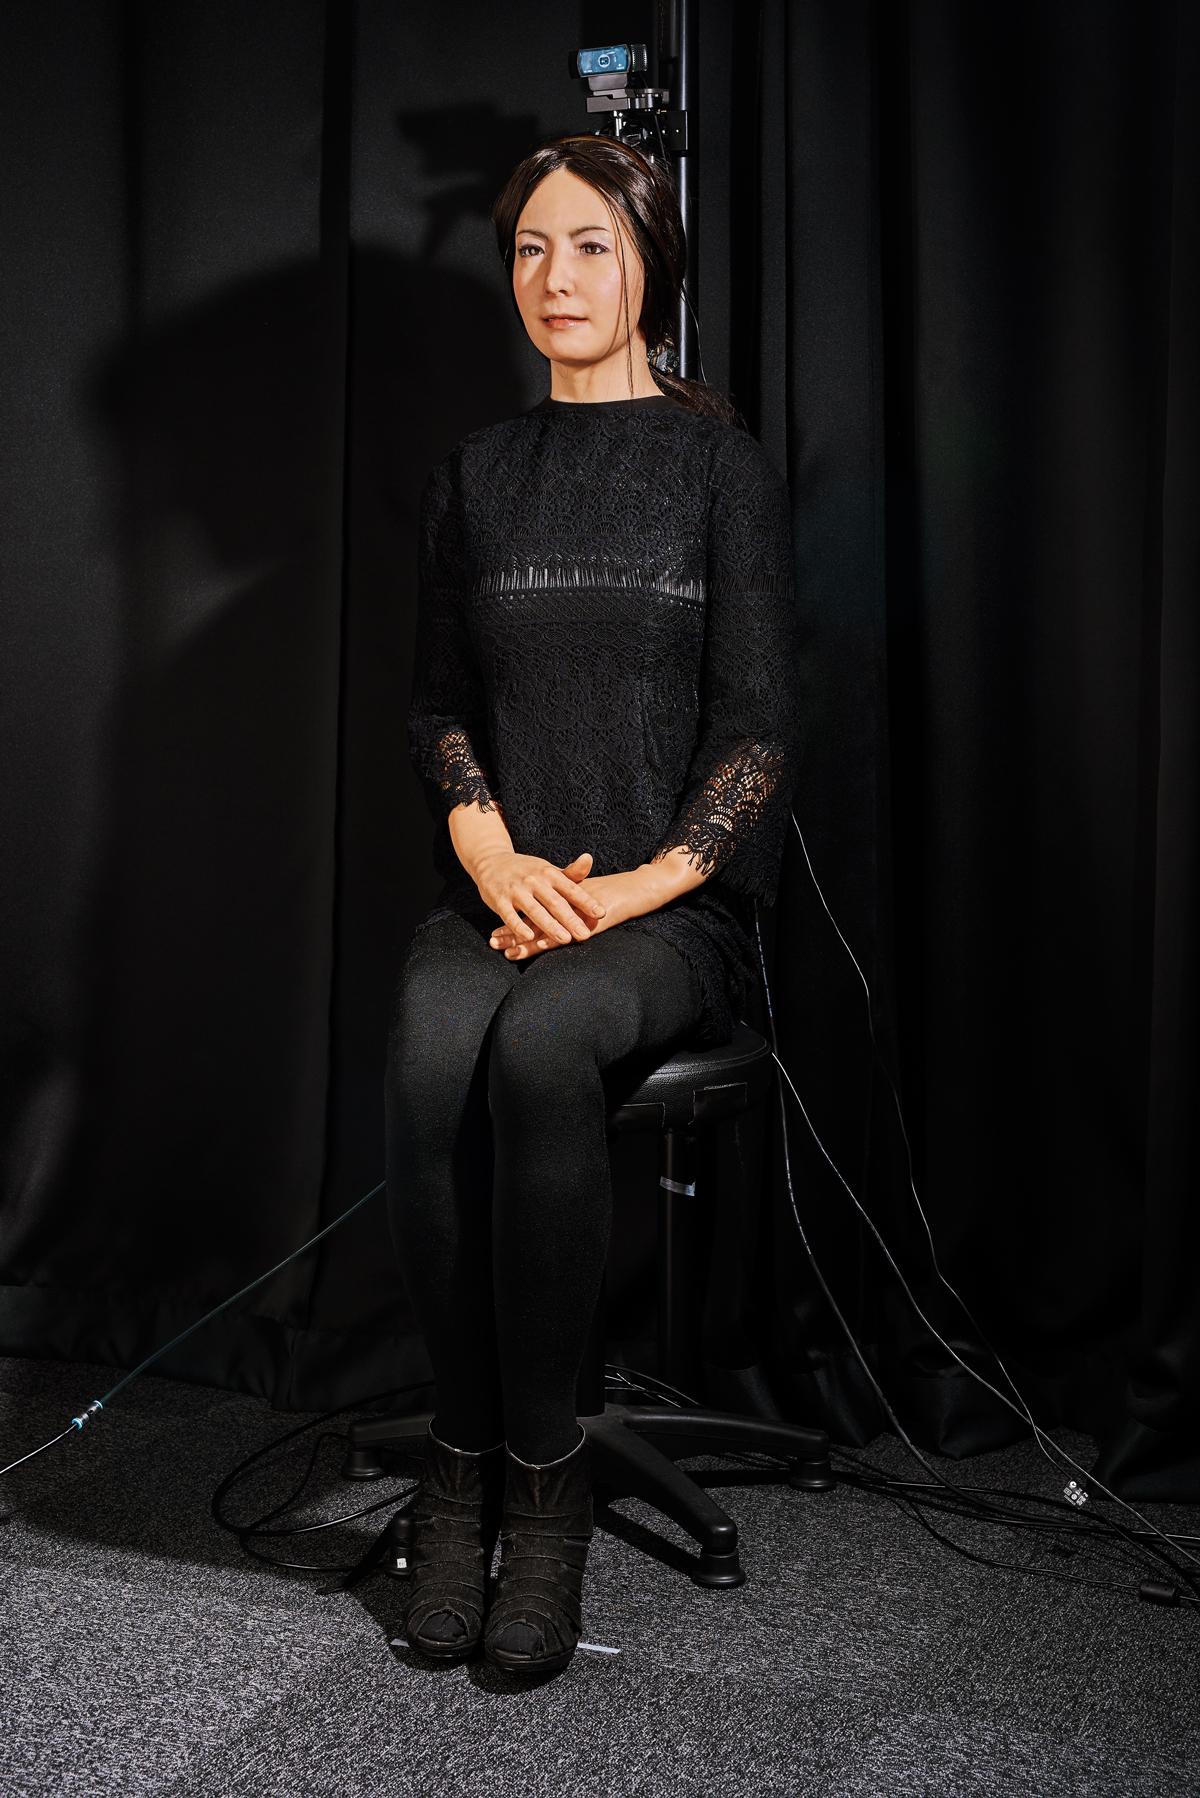 Geminoid F путешествовала по миру, участвуя вспектакле по пьесе, специально написанной для неё. Она также сыграла робота-компаньона вфильме 2015 года «Сайонара»